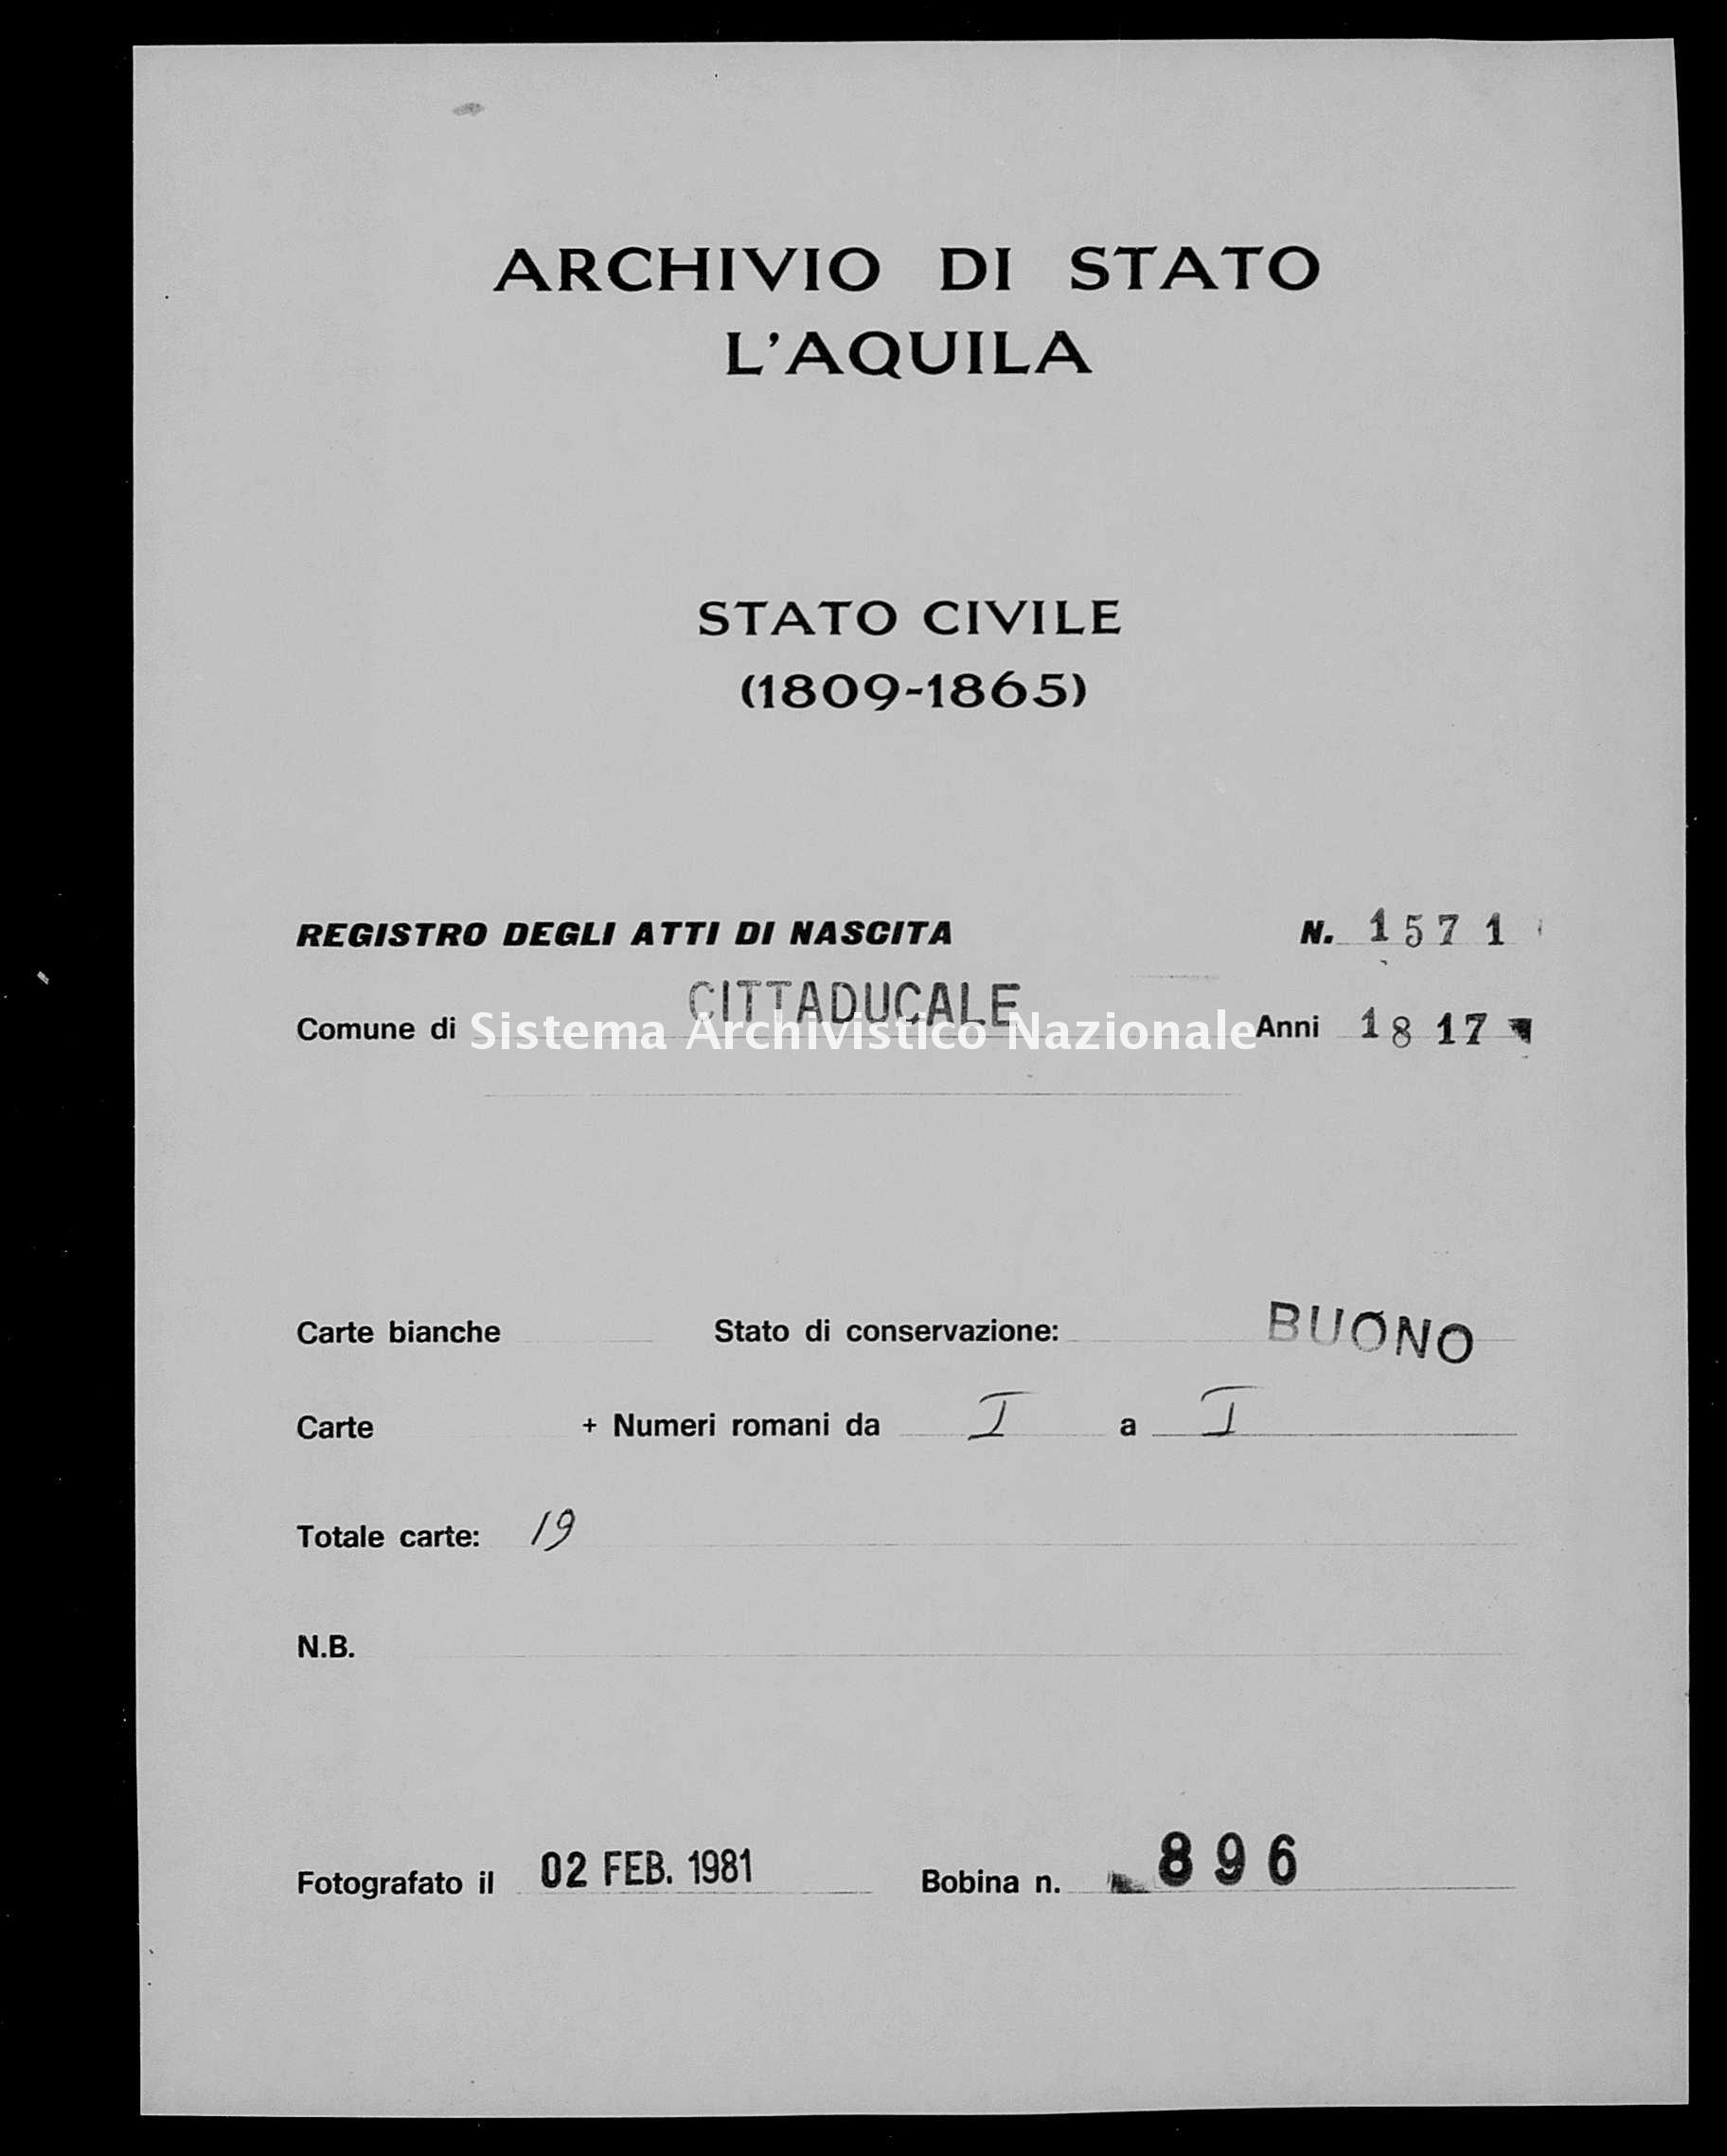 Archivio di stato di L'aquila - Stato civile della restaurazione - Cittaducale - Nati - 1817 - 1571 -